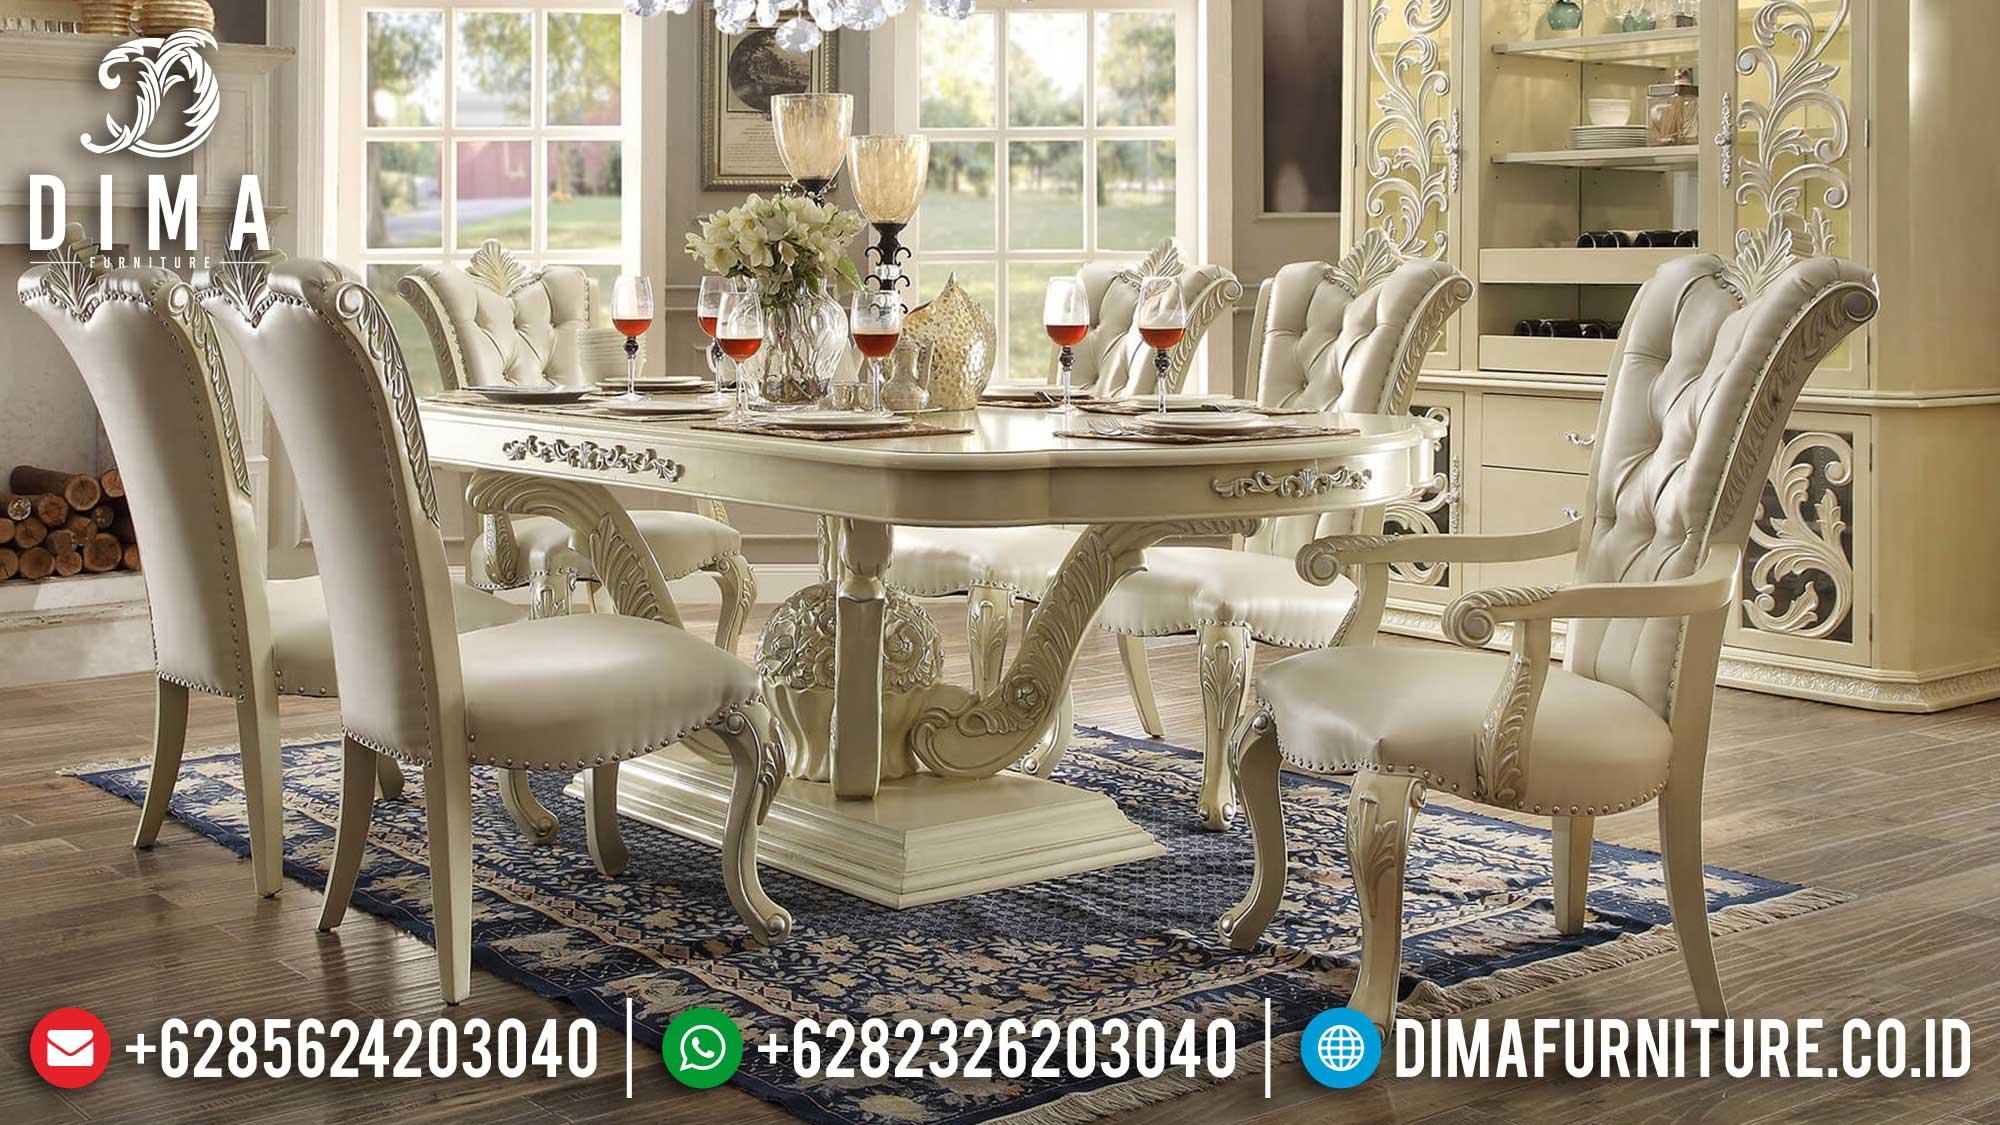 Meja Makan Mewah Terbaru Luxury Carving Classic Free Ongkir Jawa Bali ST-1124